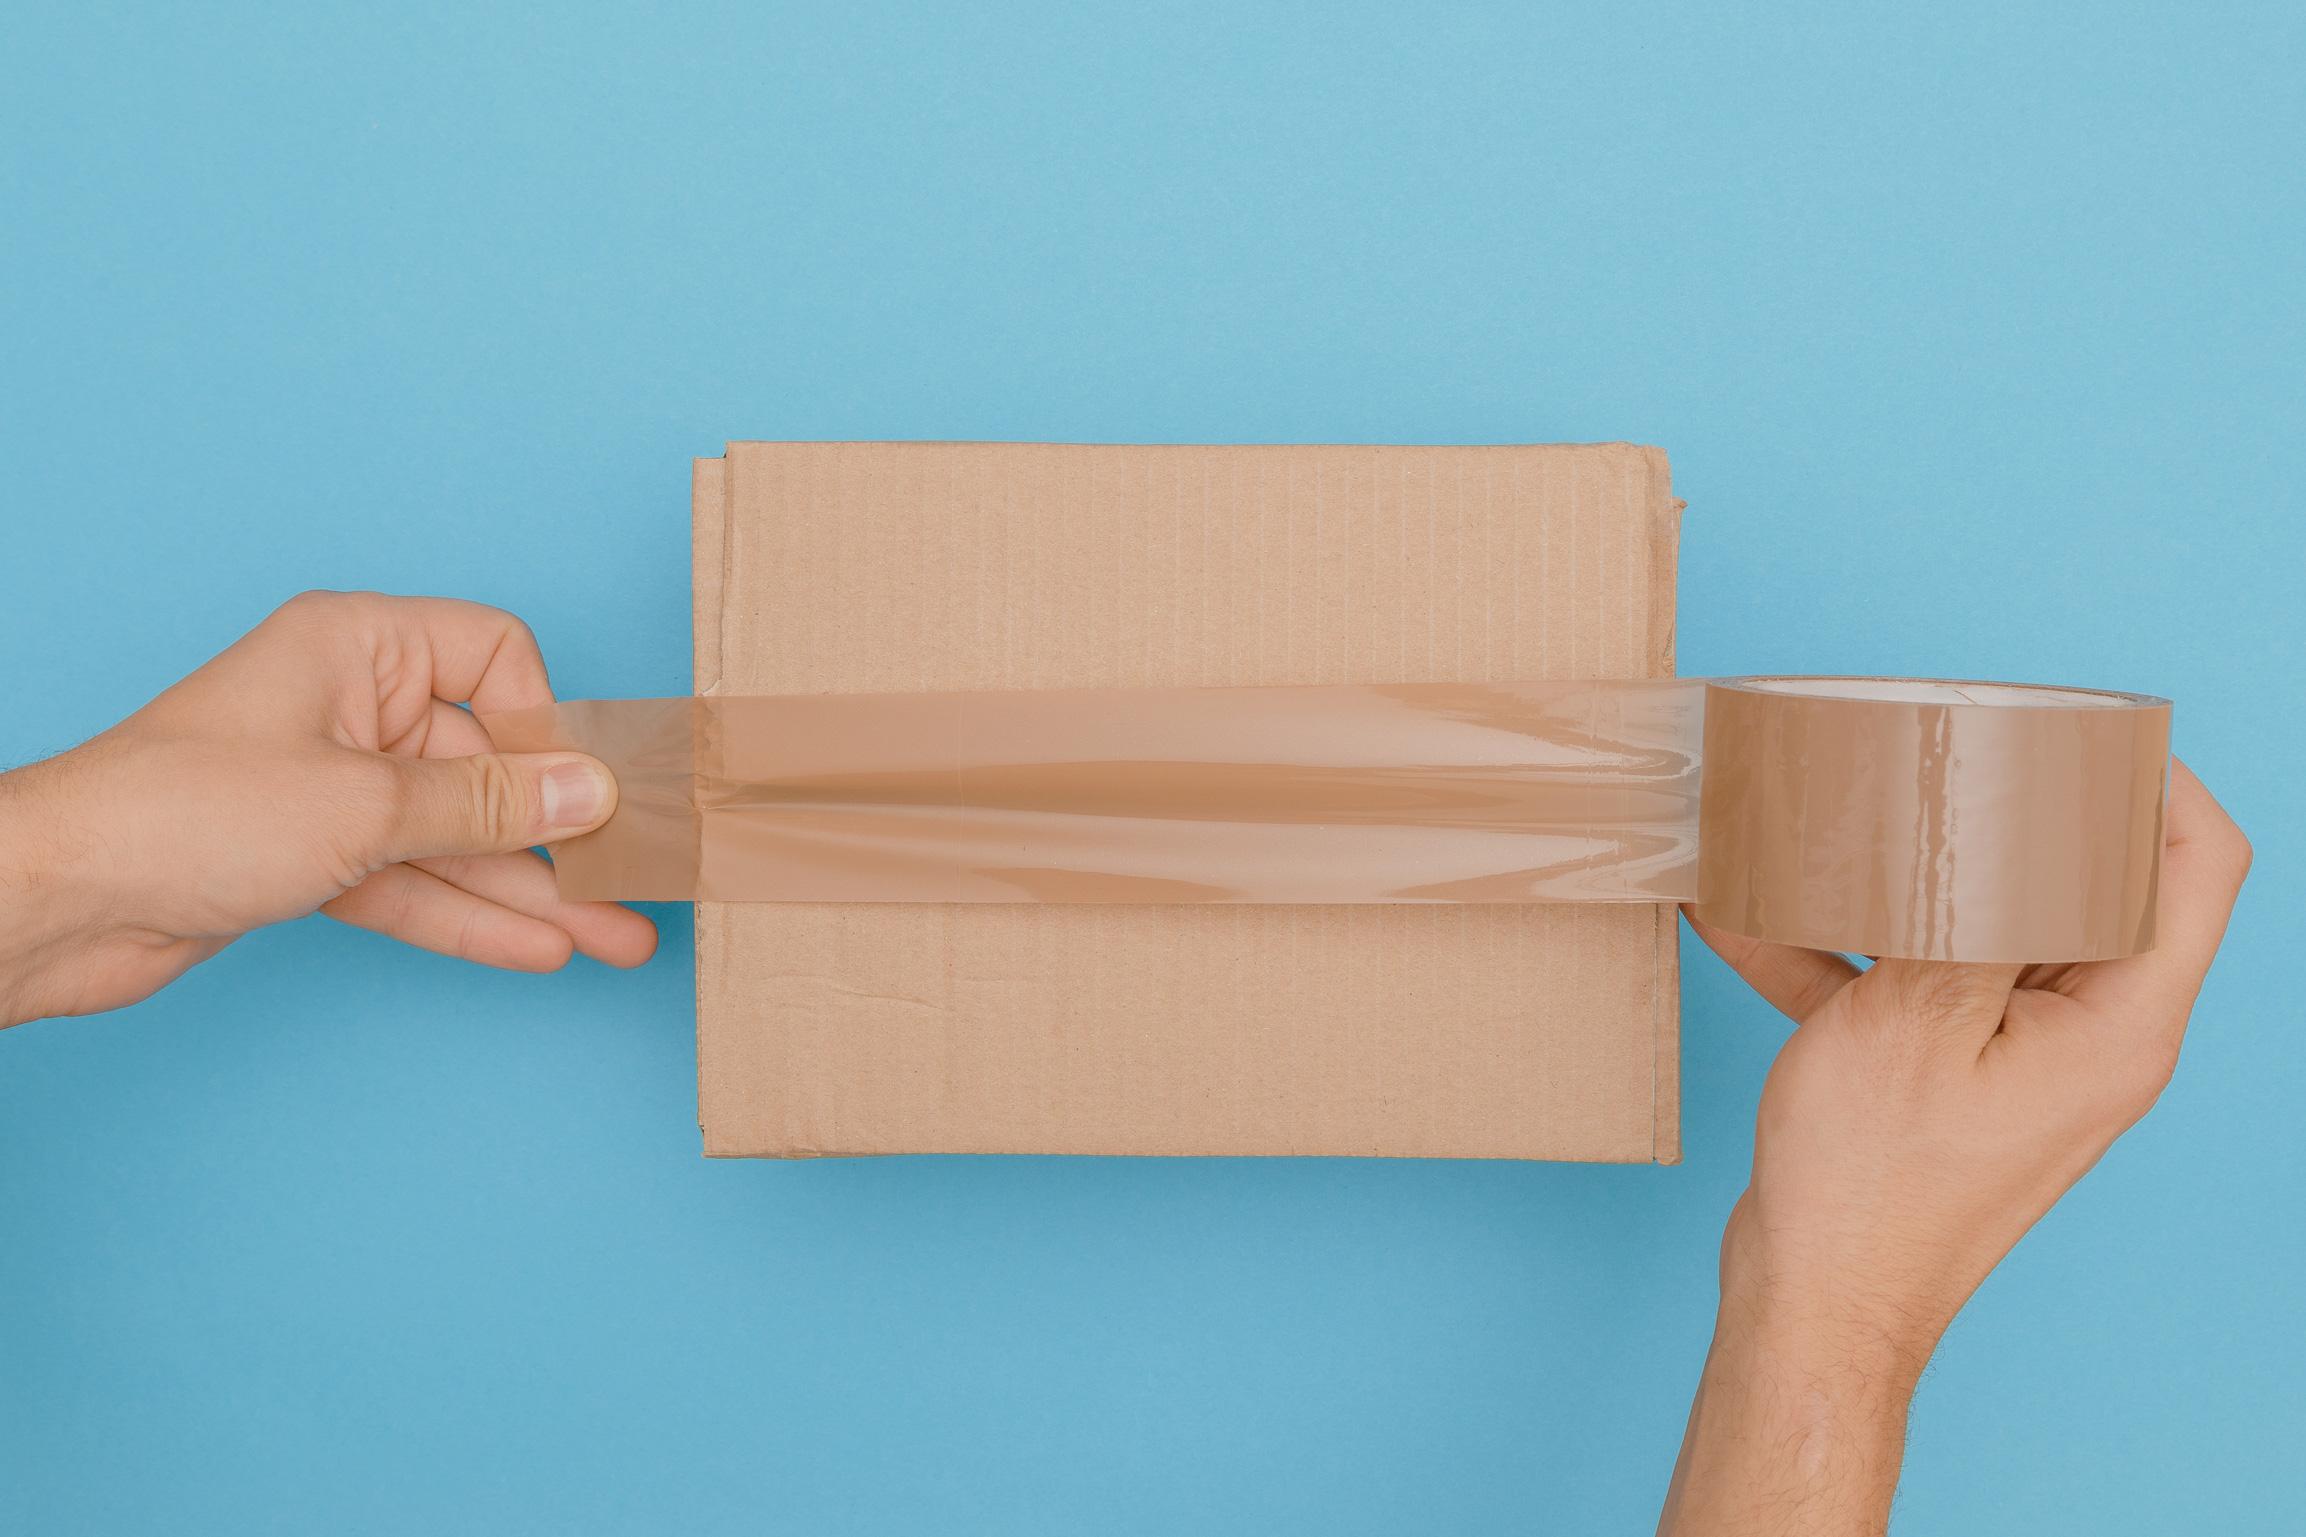 Jak prawidłowo zapakować przesyłkę